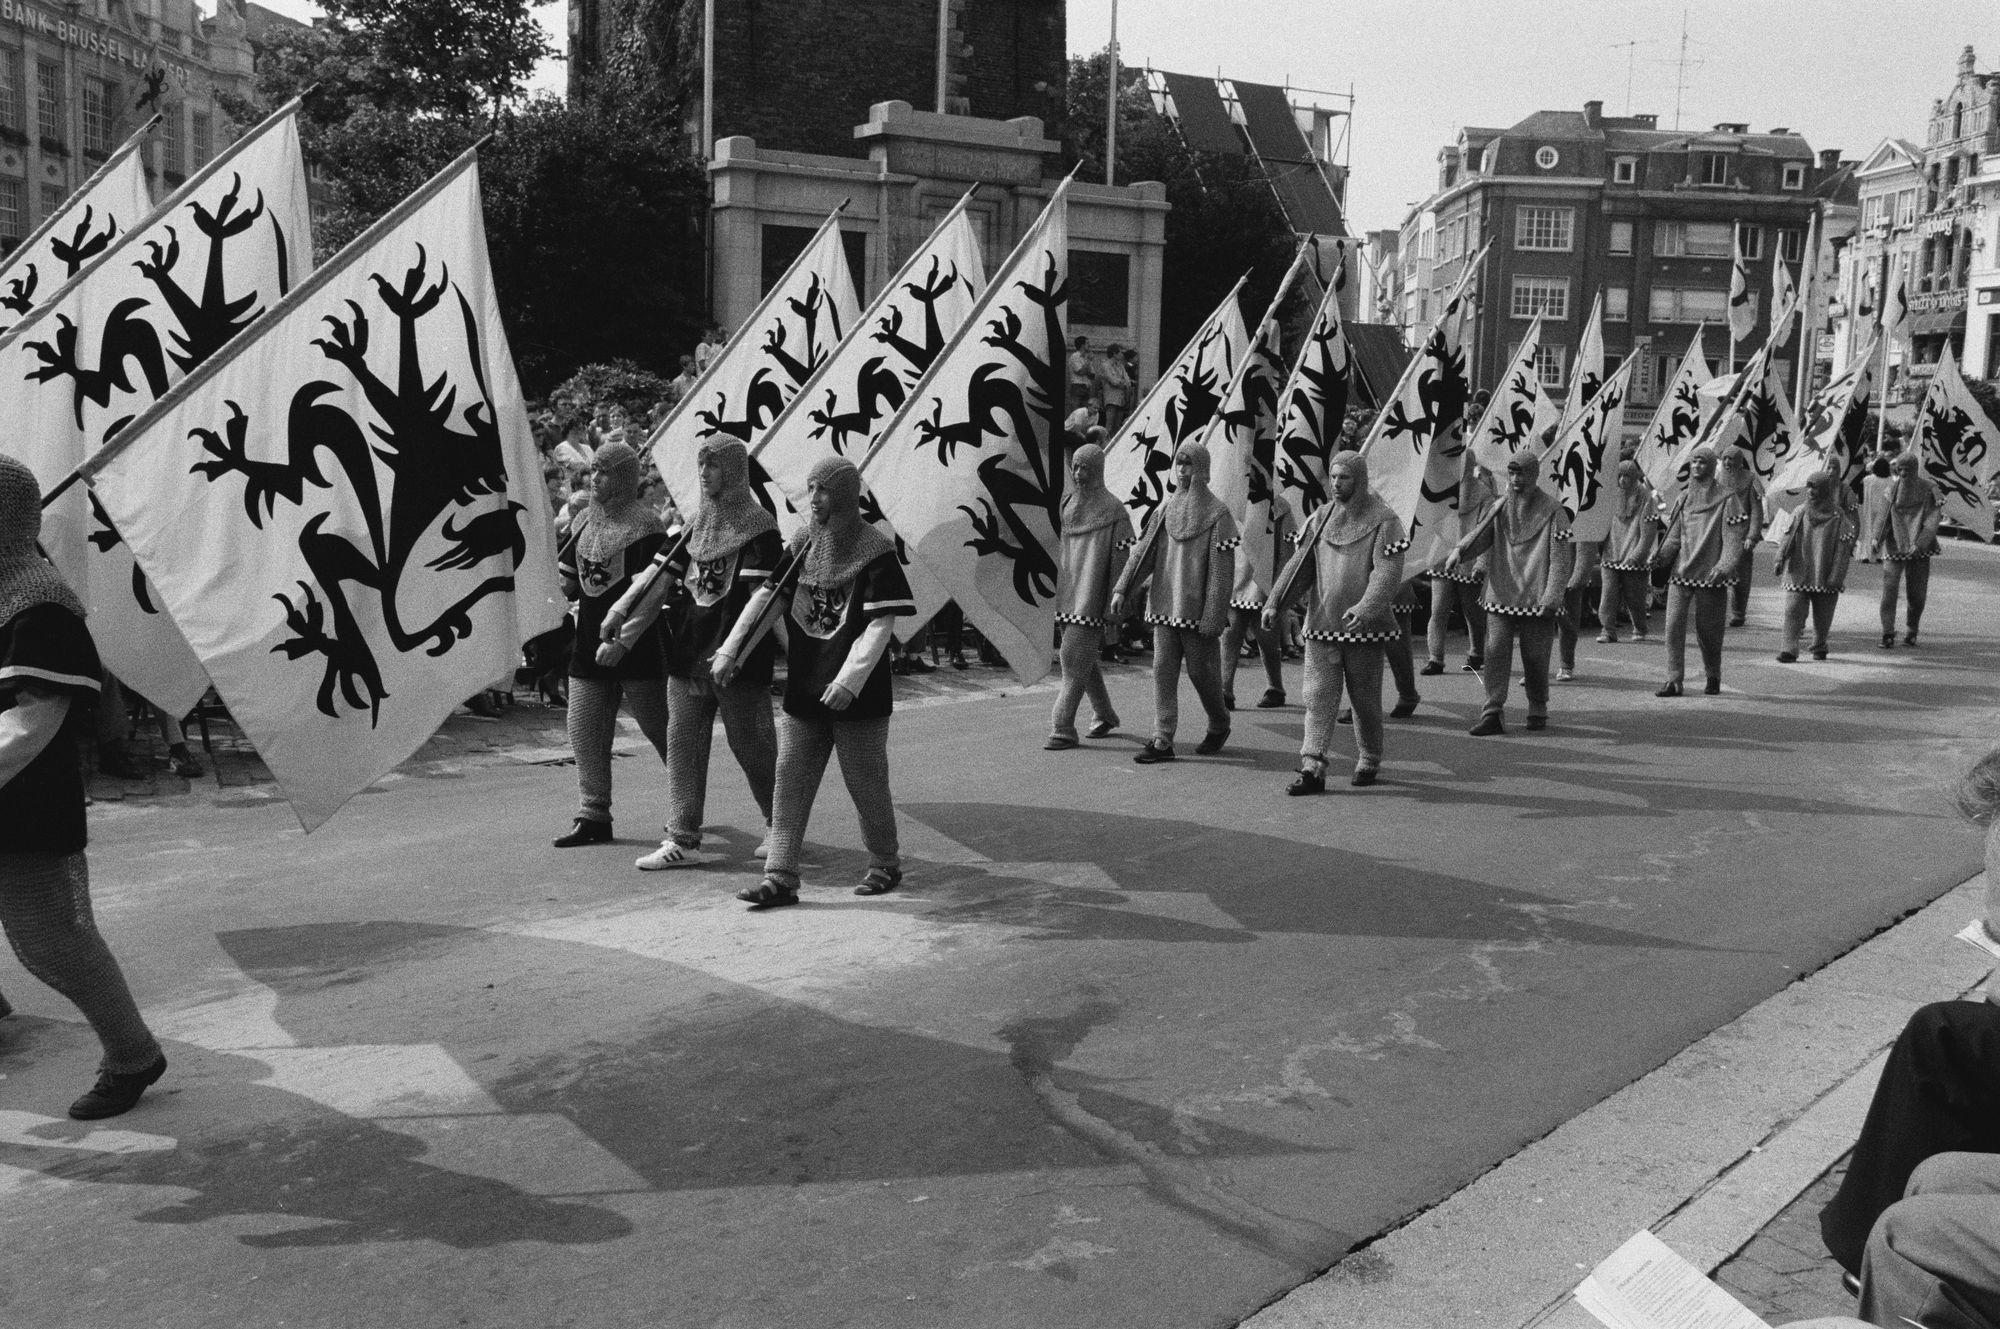 Vlaggendragens in de historische stoet tijdens de 11 juliviering 1982